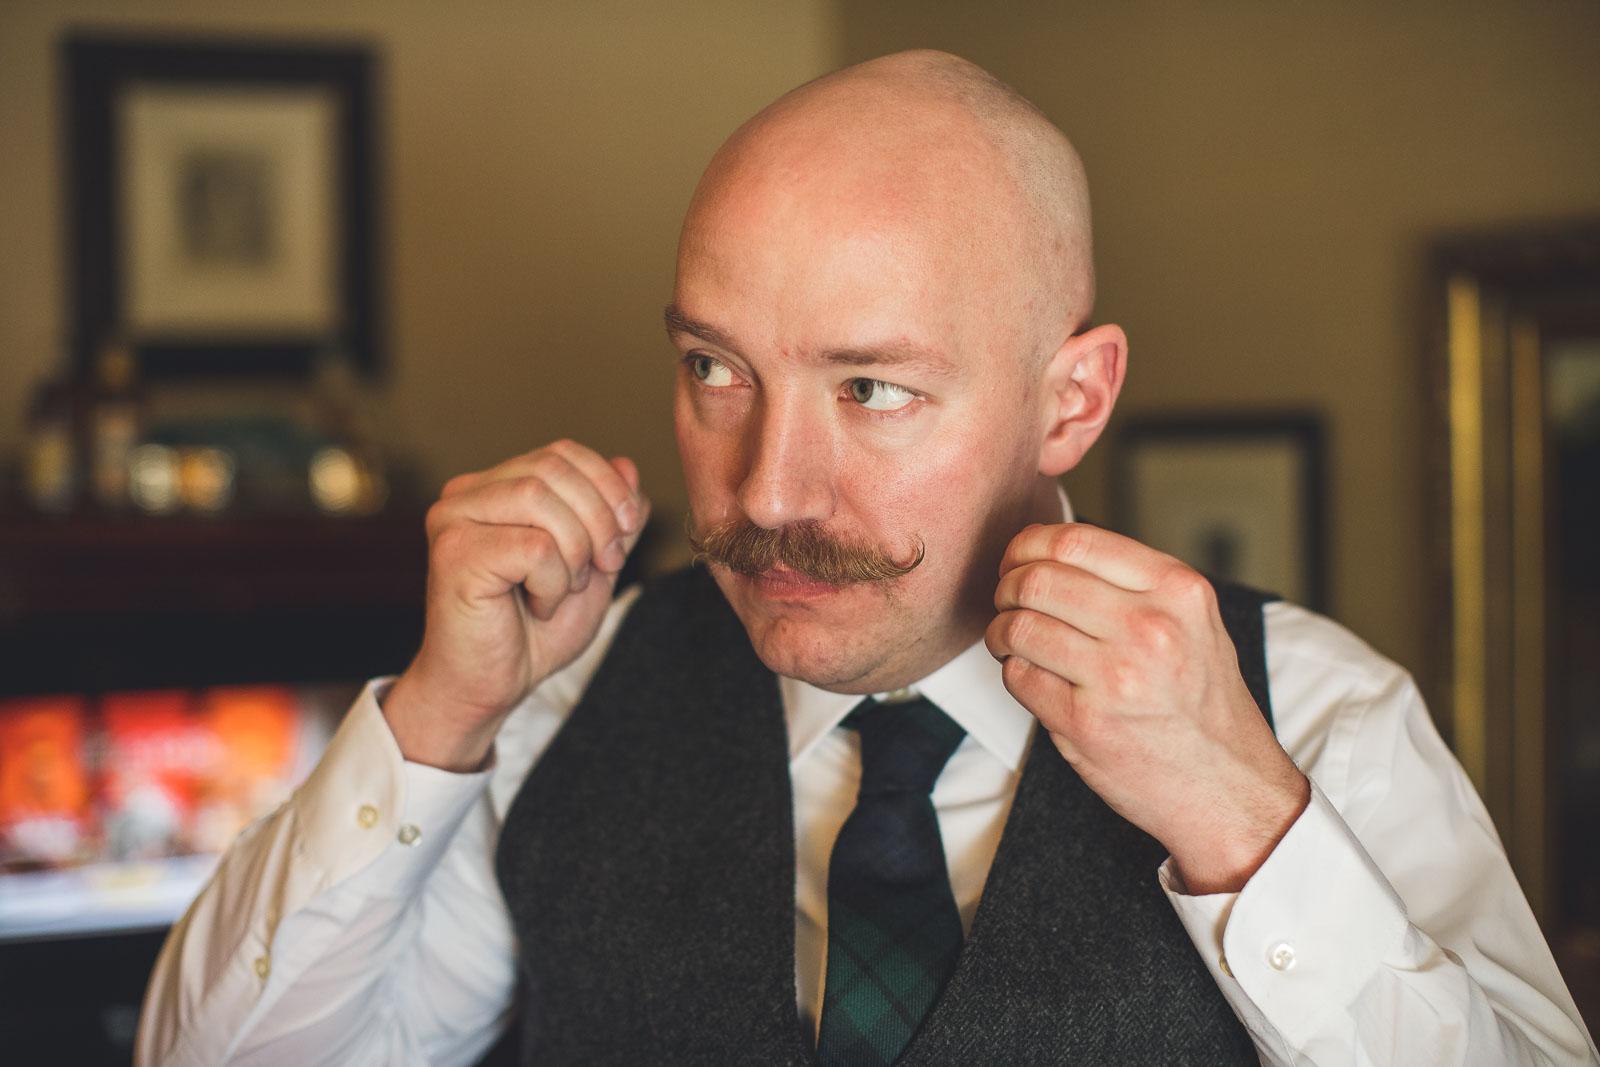 Groom styling mustache